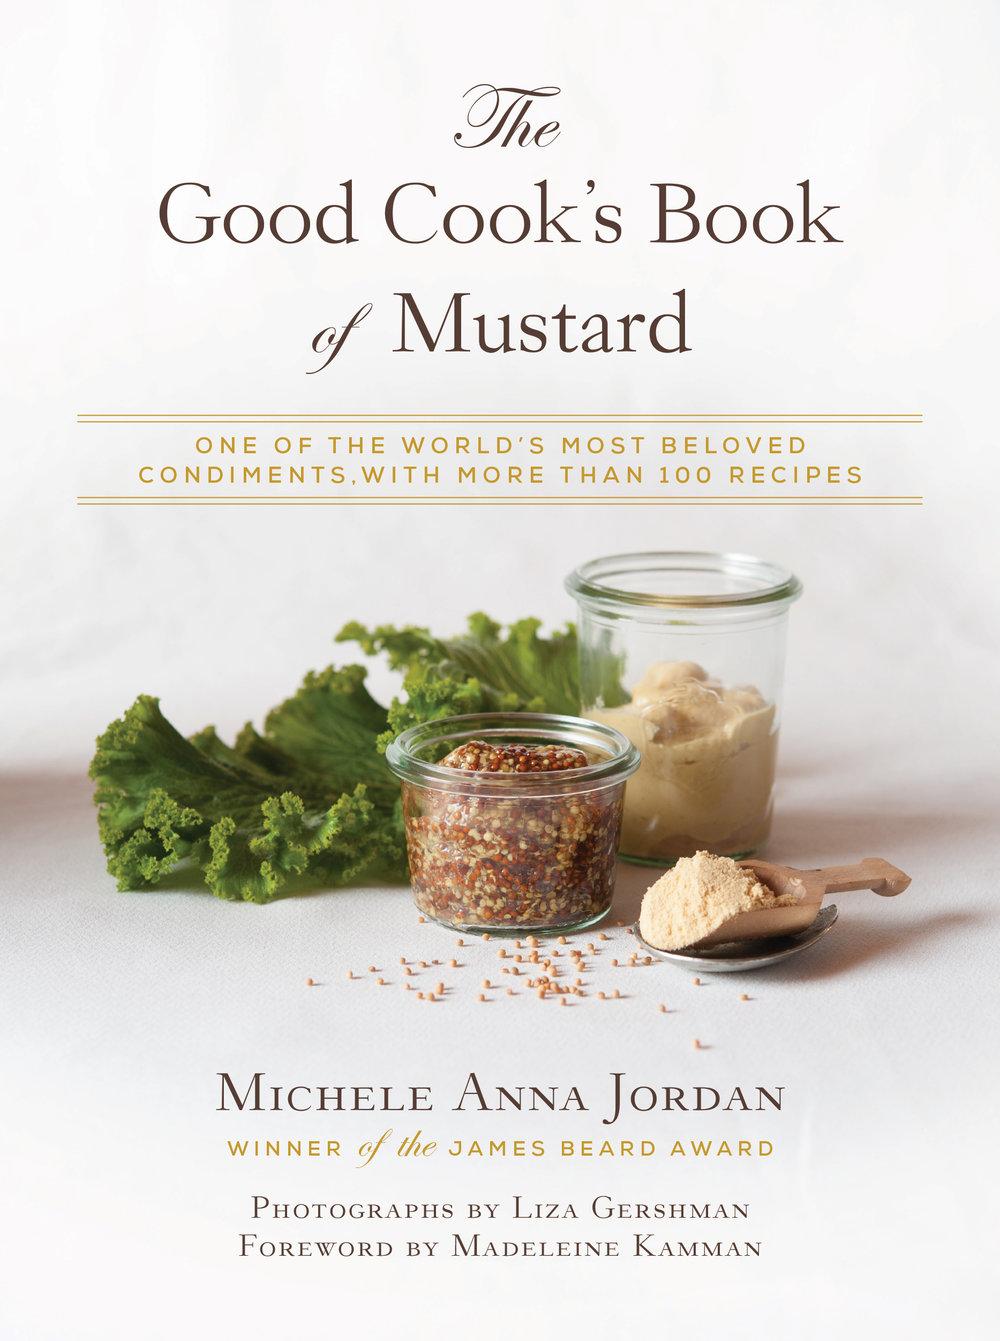 GCB-Mustard-JACKET.jpg